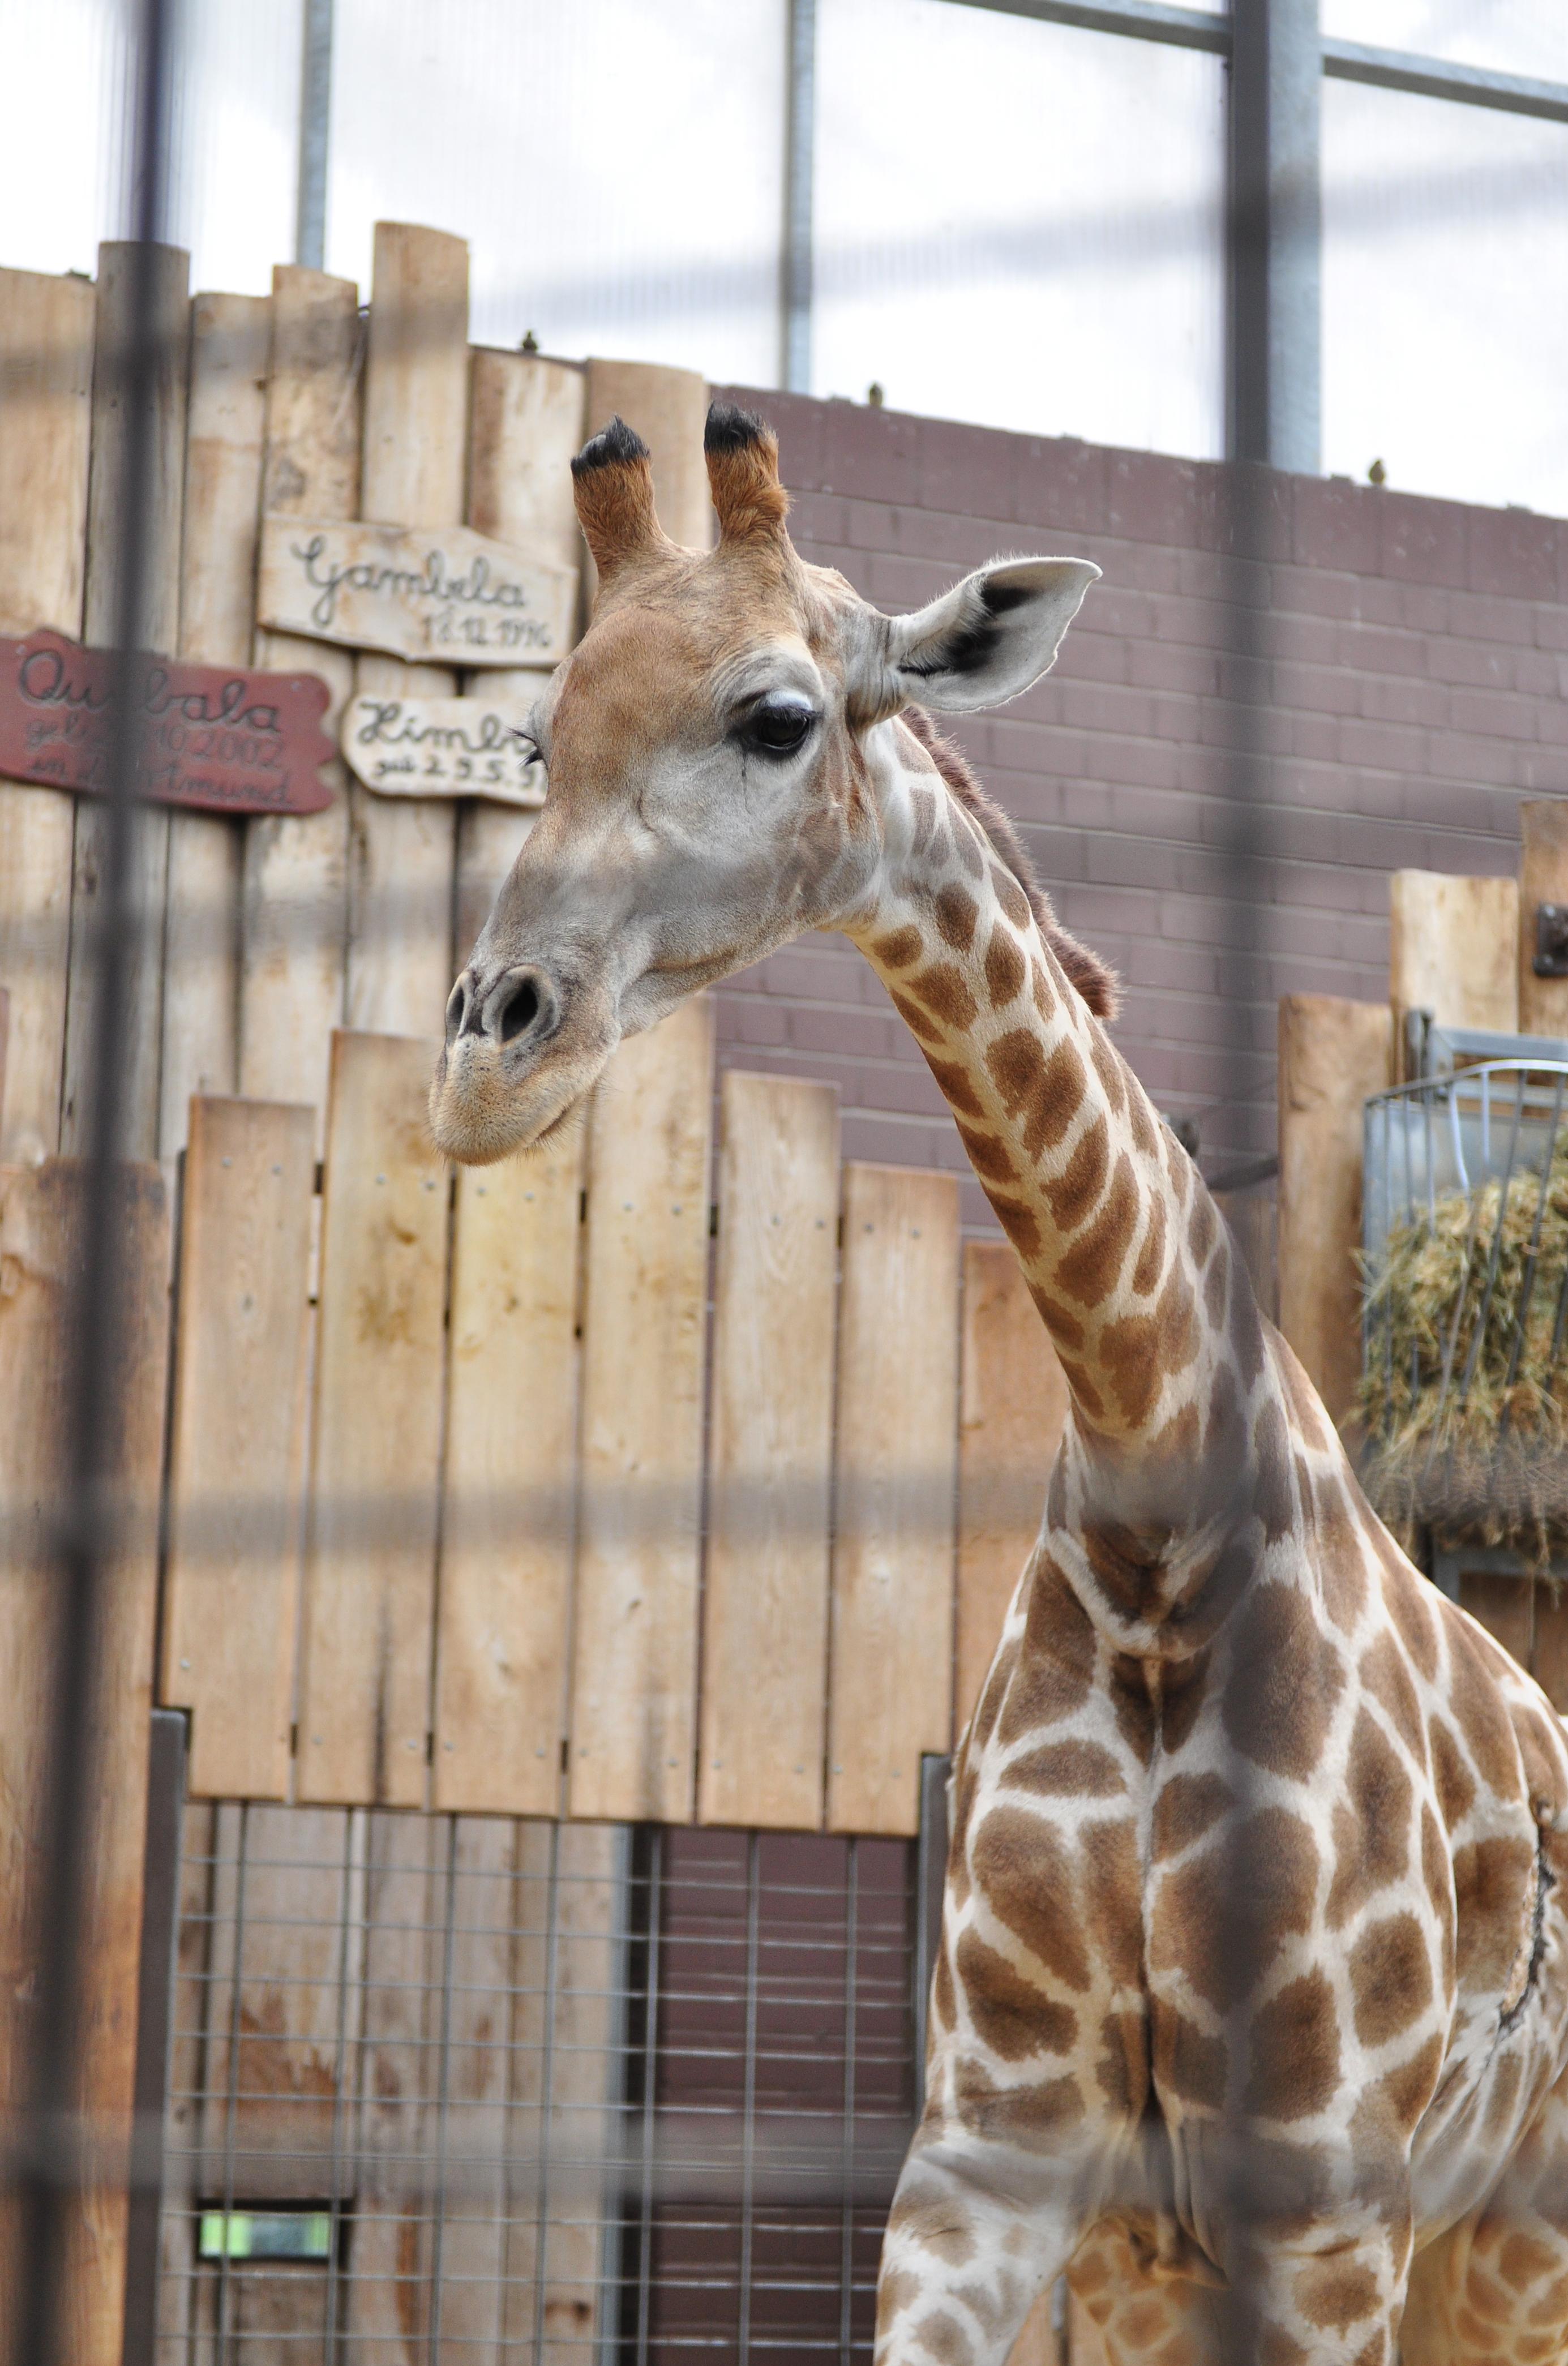 flaschenkind bei den giraffen sonstiges medien zoo dortmund freizeit kultur. Black Bedroom Furniture Sets. Home Design Ideas